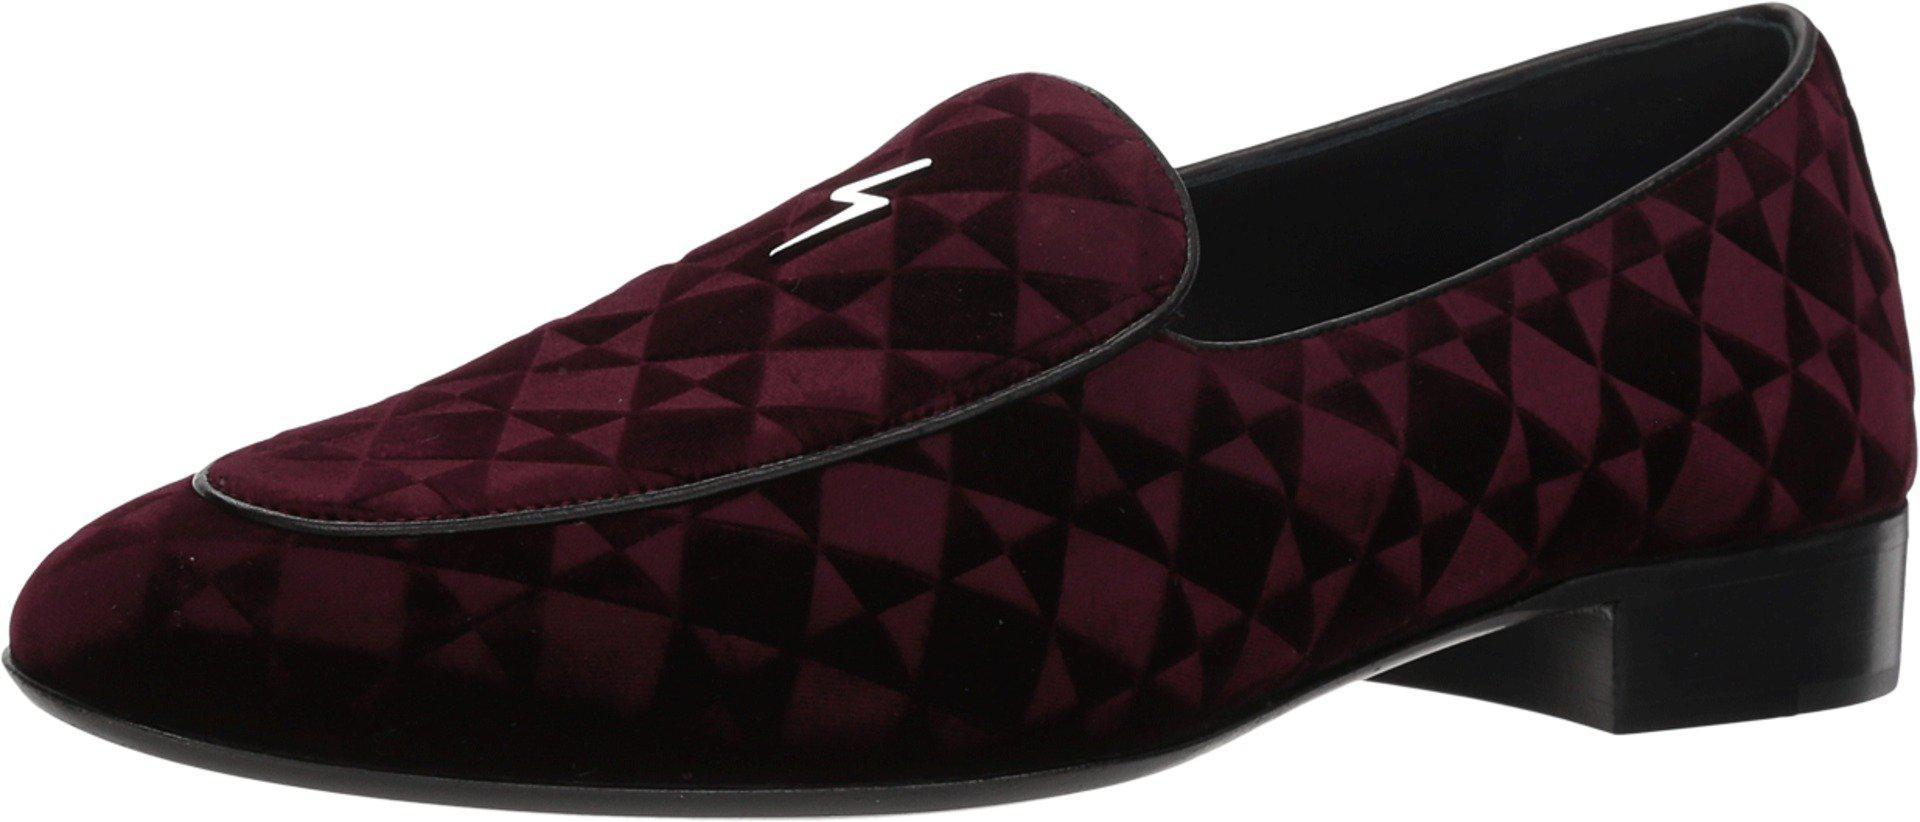 696300c5228 Lyst - Giuseppe Zanotti Cut Geometric Velvet Loafer in Black for Men